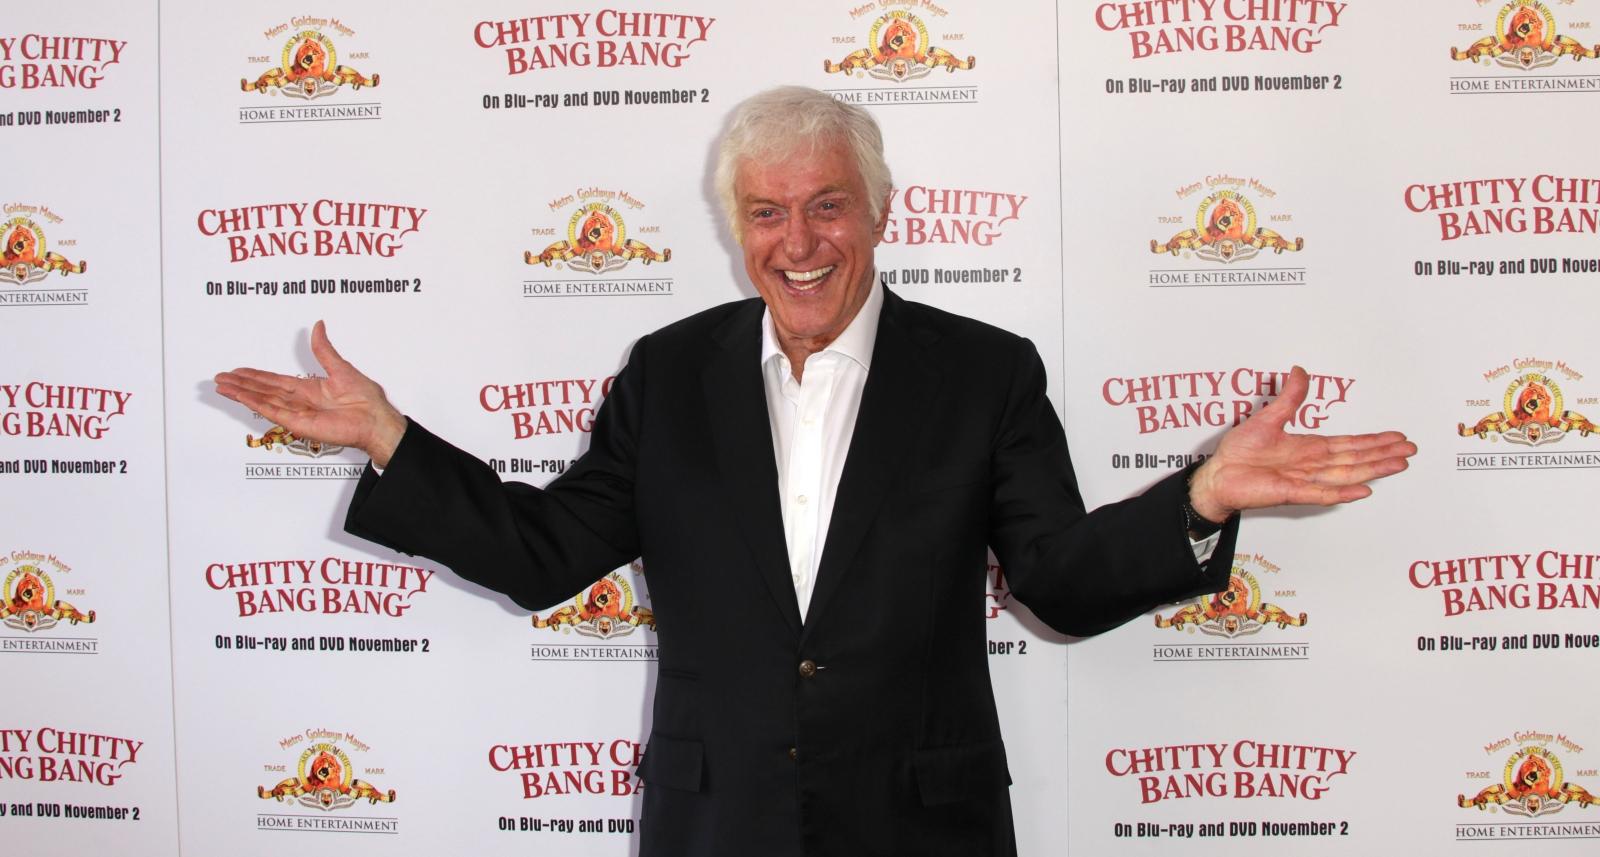 Dick Van Dyke sings 'Chitty Chitty Bang Bang' at Denny's